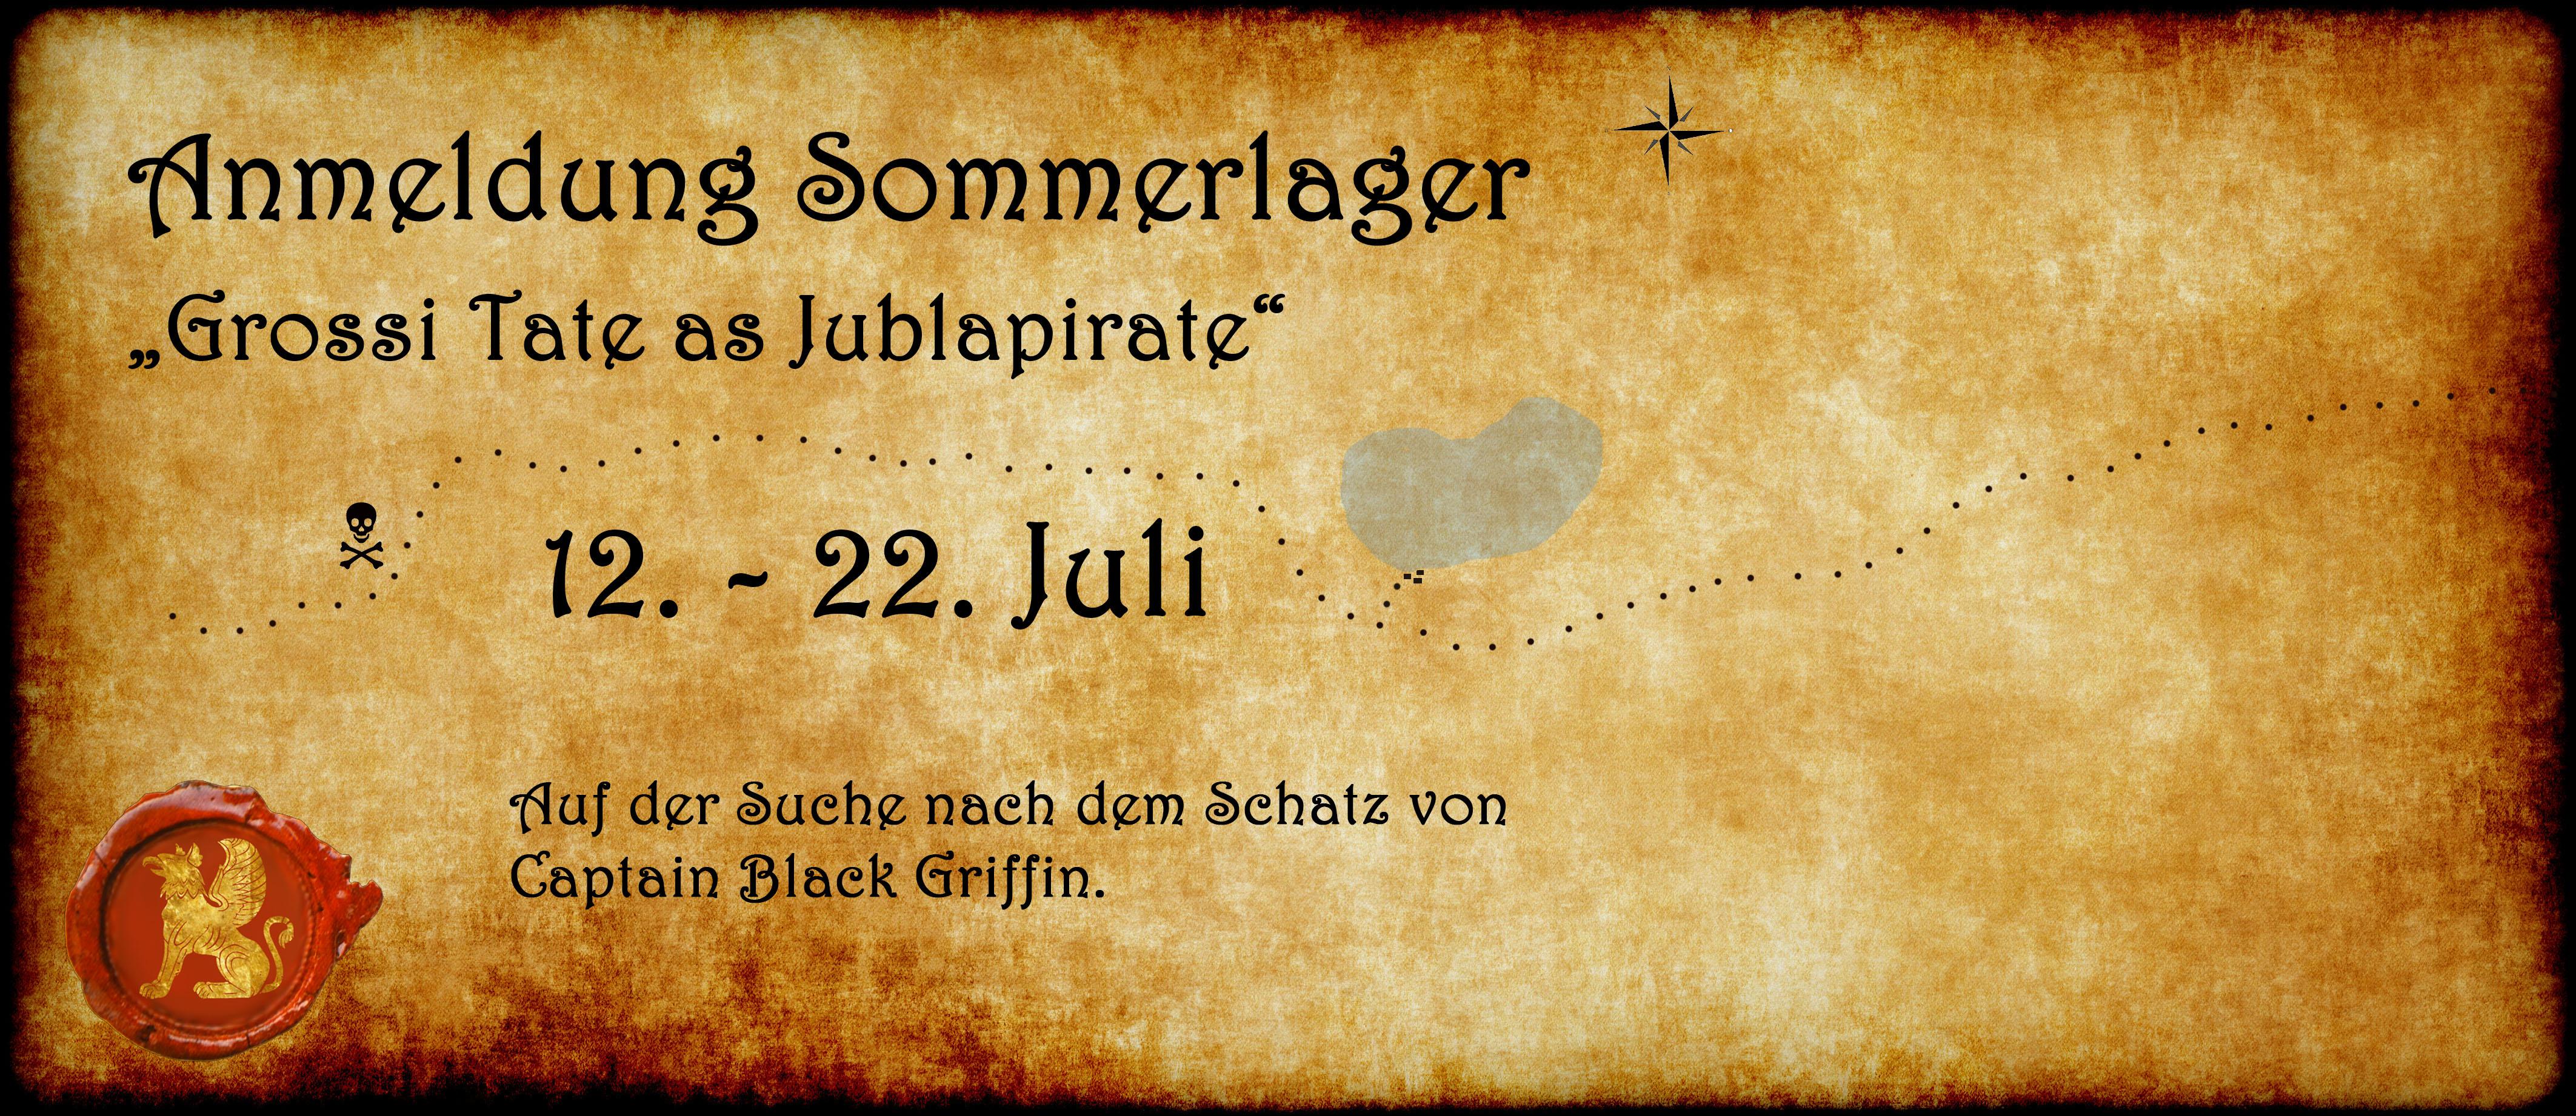 Titelbild-Loader für Anmeldung Sommerlager